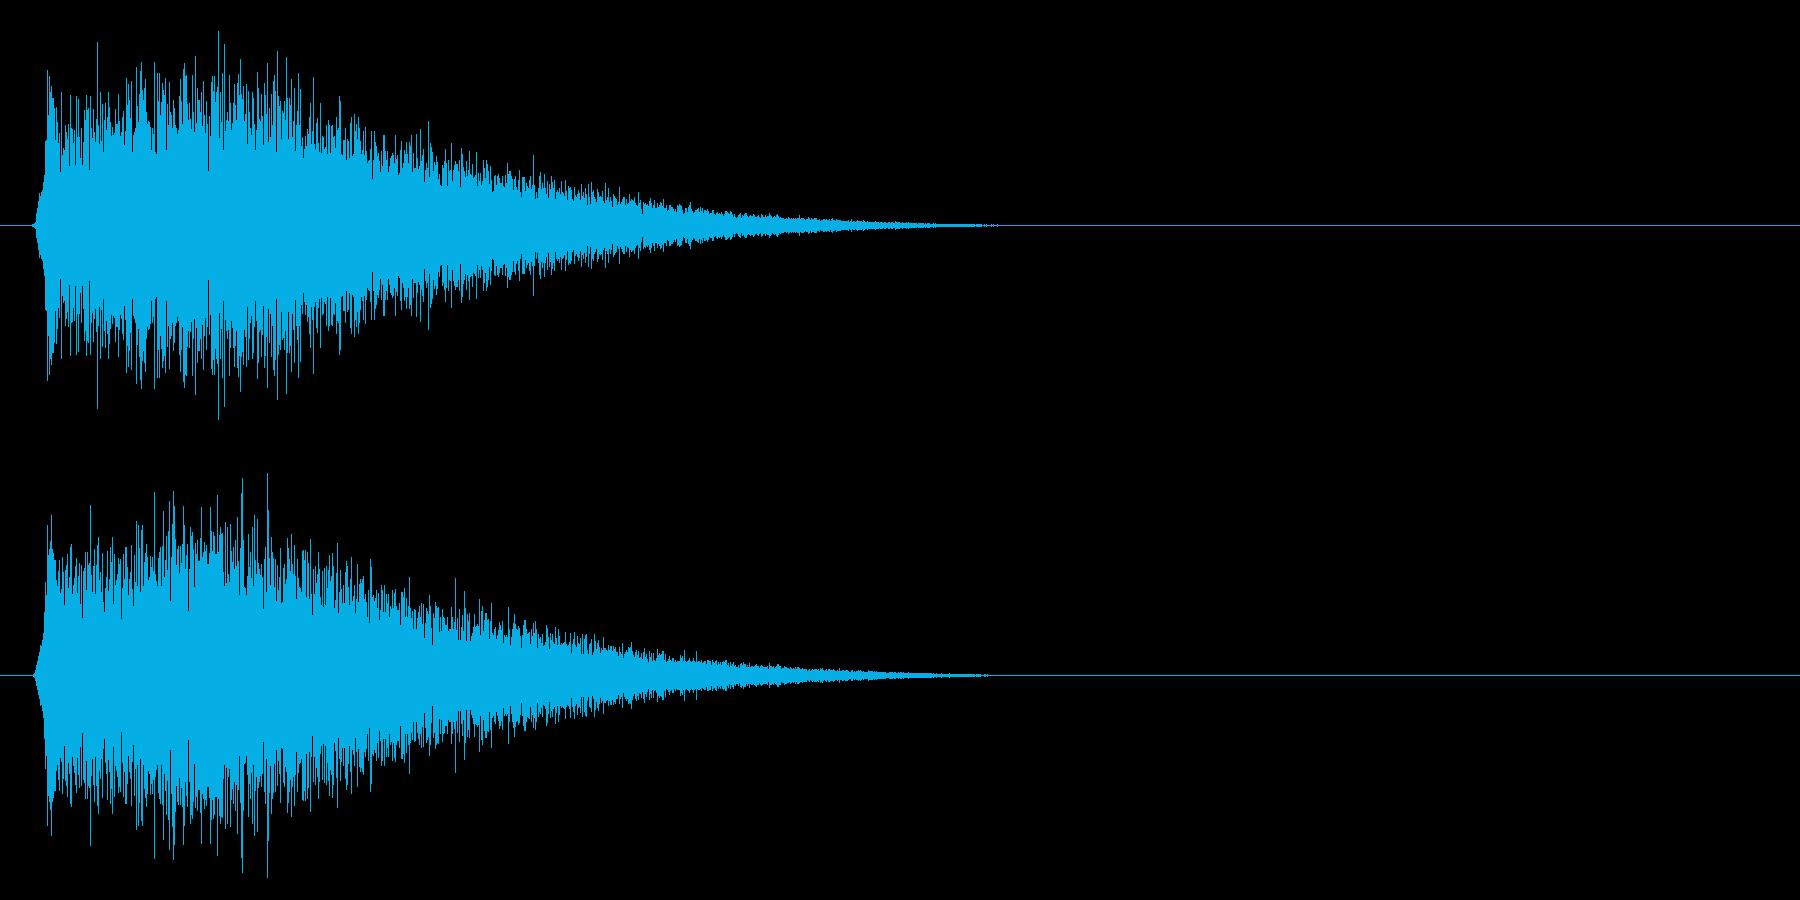 キュイーン/チャージ/ビーム_01の再生済みの波形